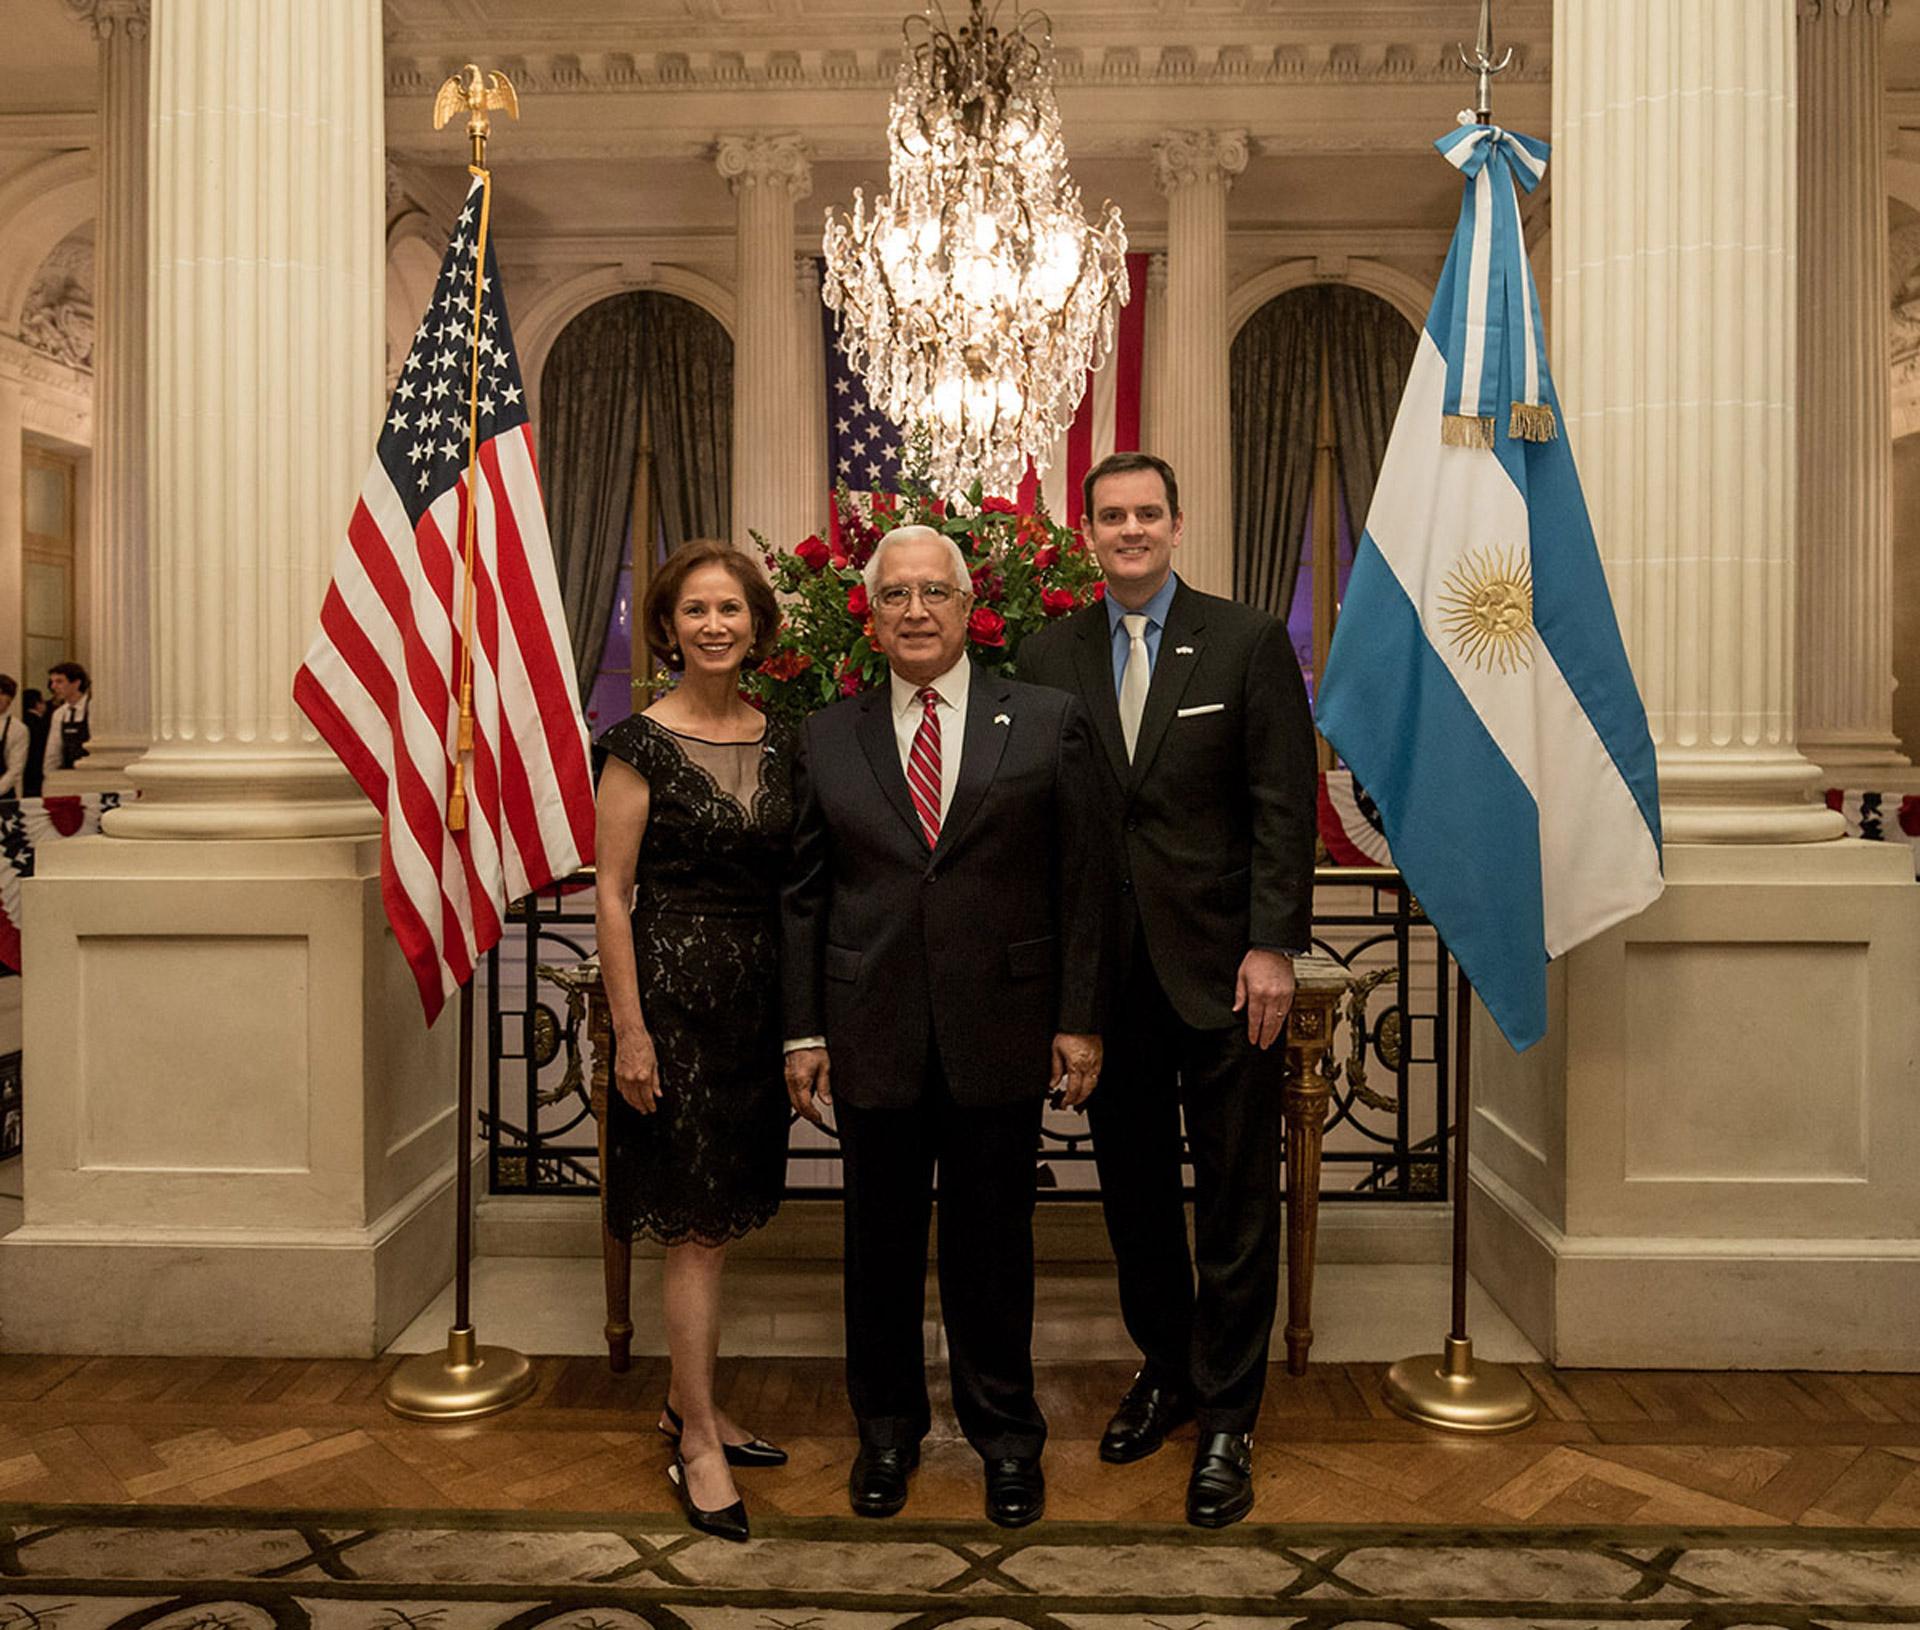 Edward C. Prado y su mujer María, junto a Tom Cooney recibieron a los invitados